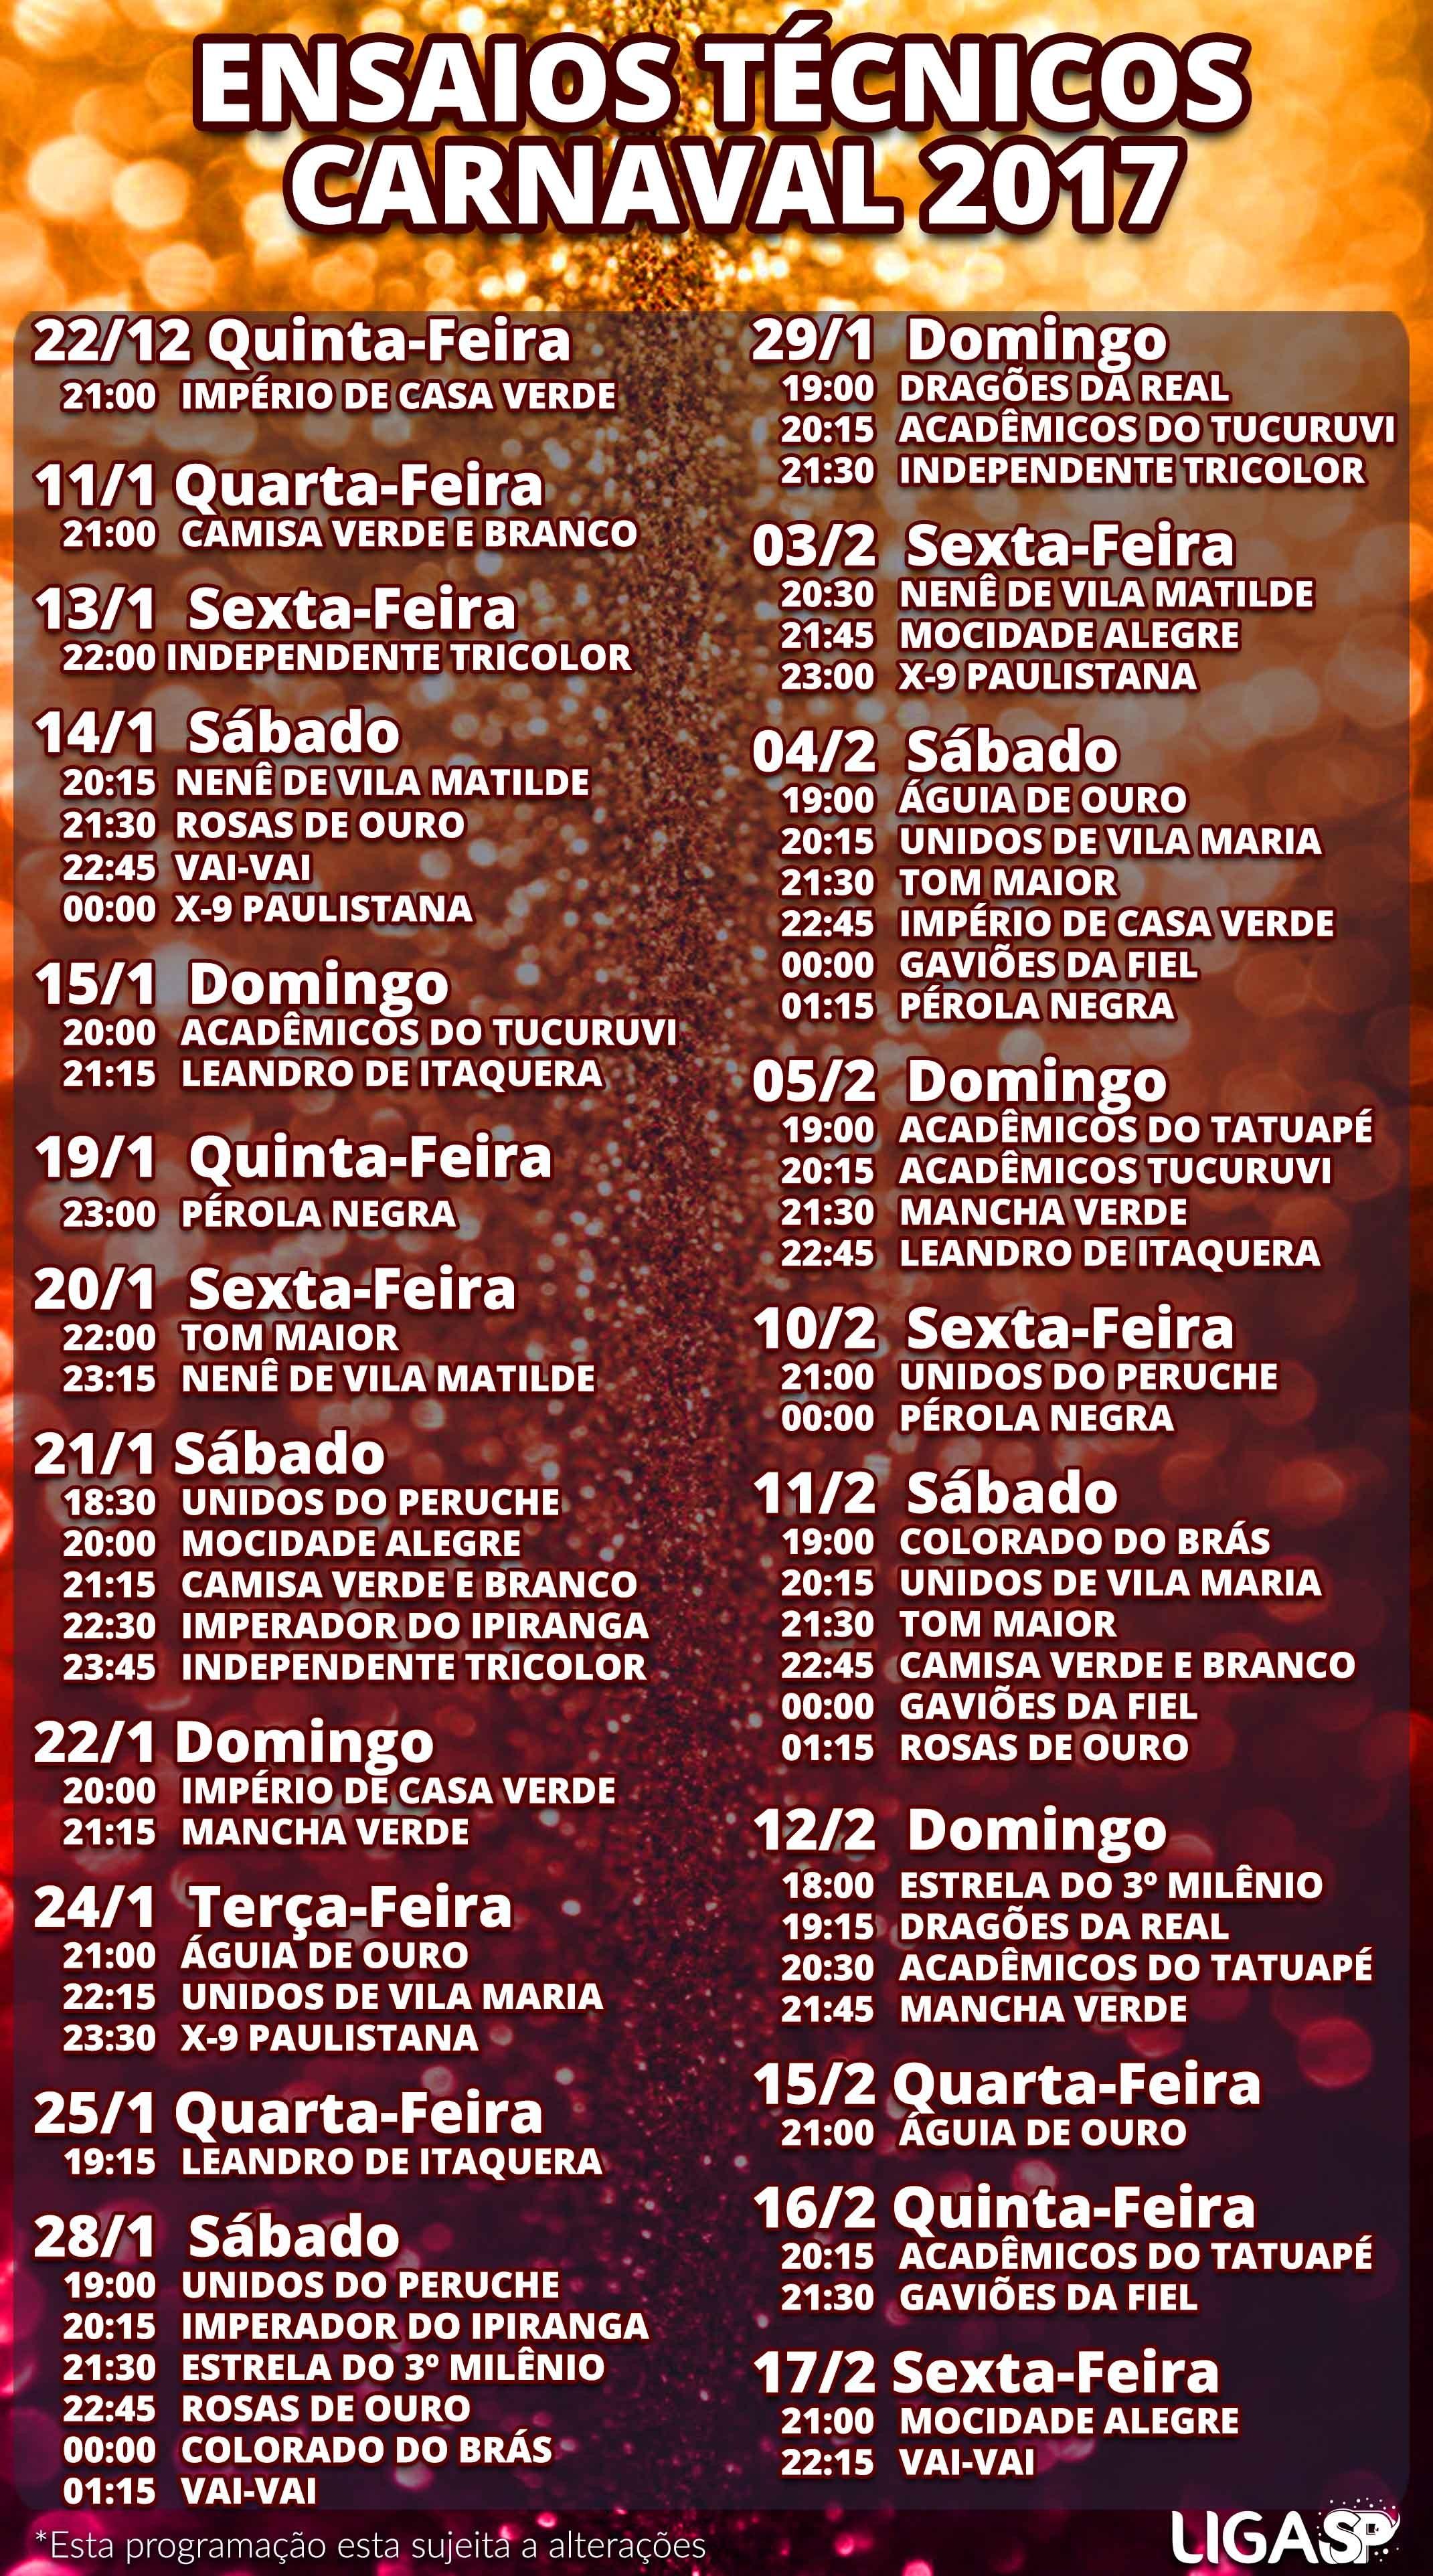 Calendario 2019 Rj Feriados Más Recientes Confira A Programa§£o Dos Ensaios Das Escolas De Samba De Sp Para O